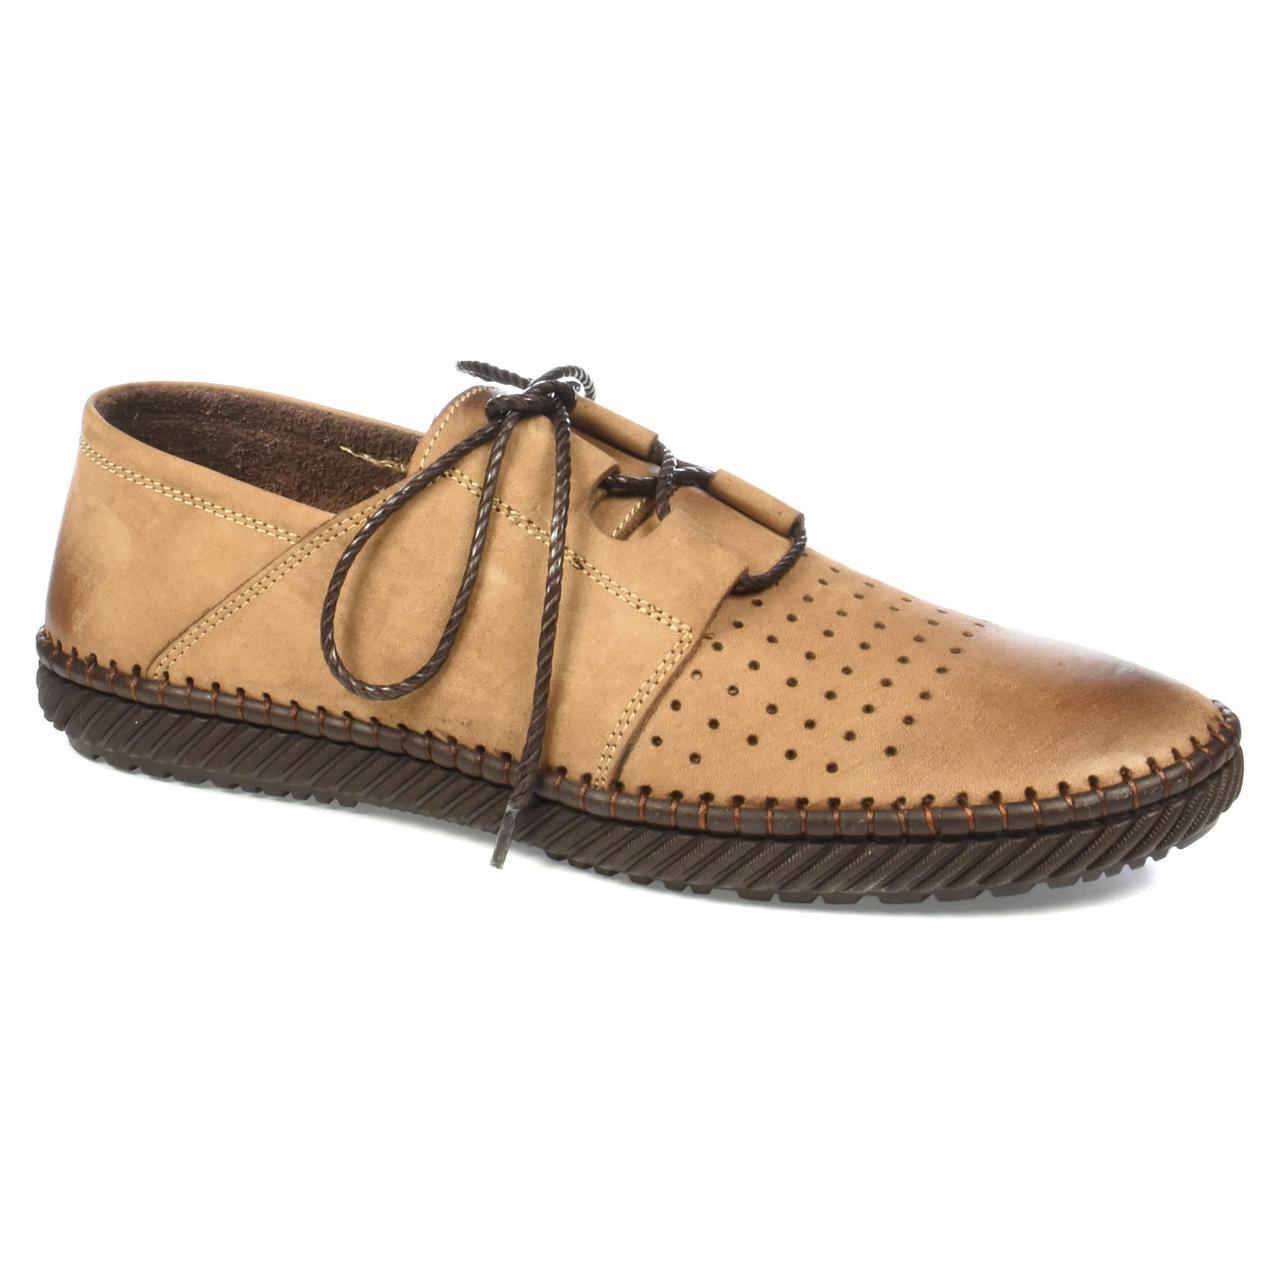 c214da51c Мужские повседневные туфли Luciano Bellini код: 4684, размеры: 40, 41, 42